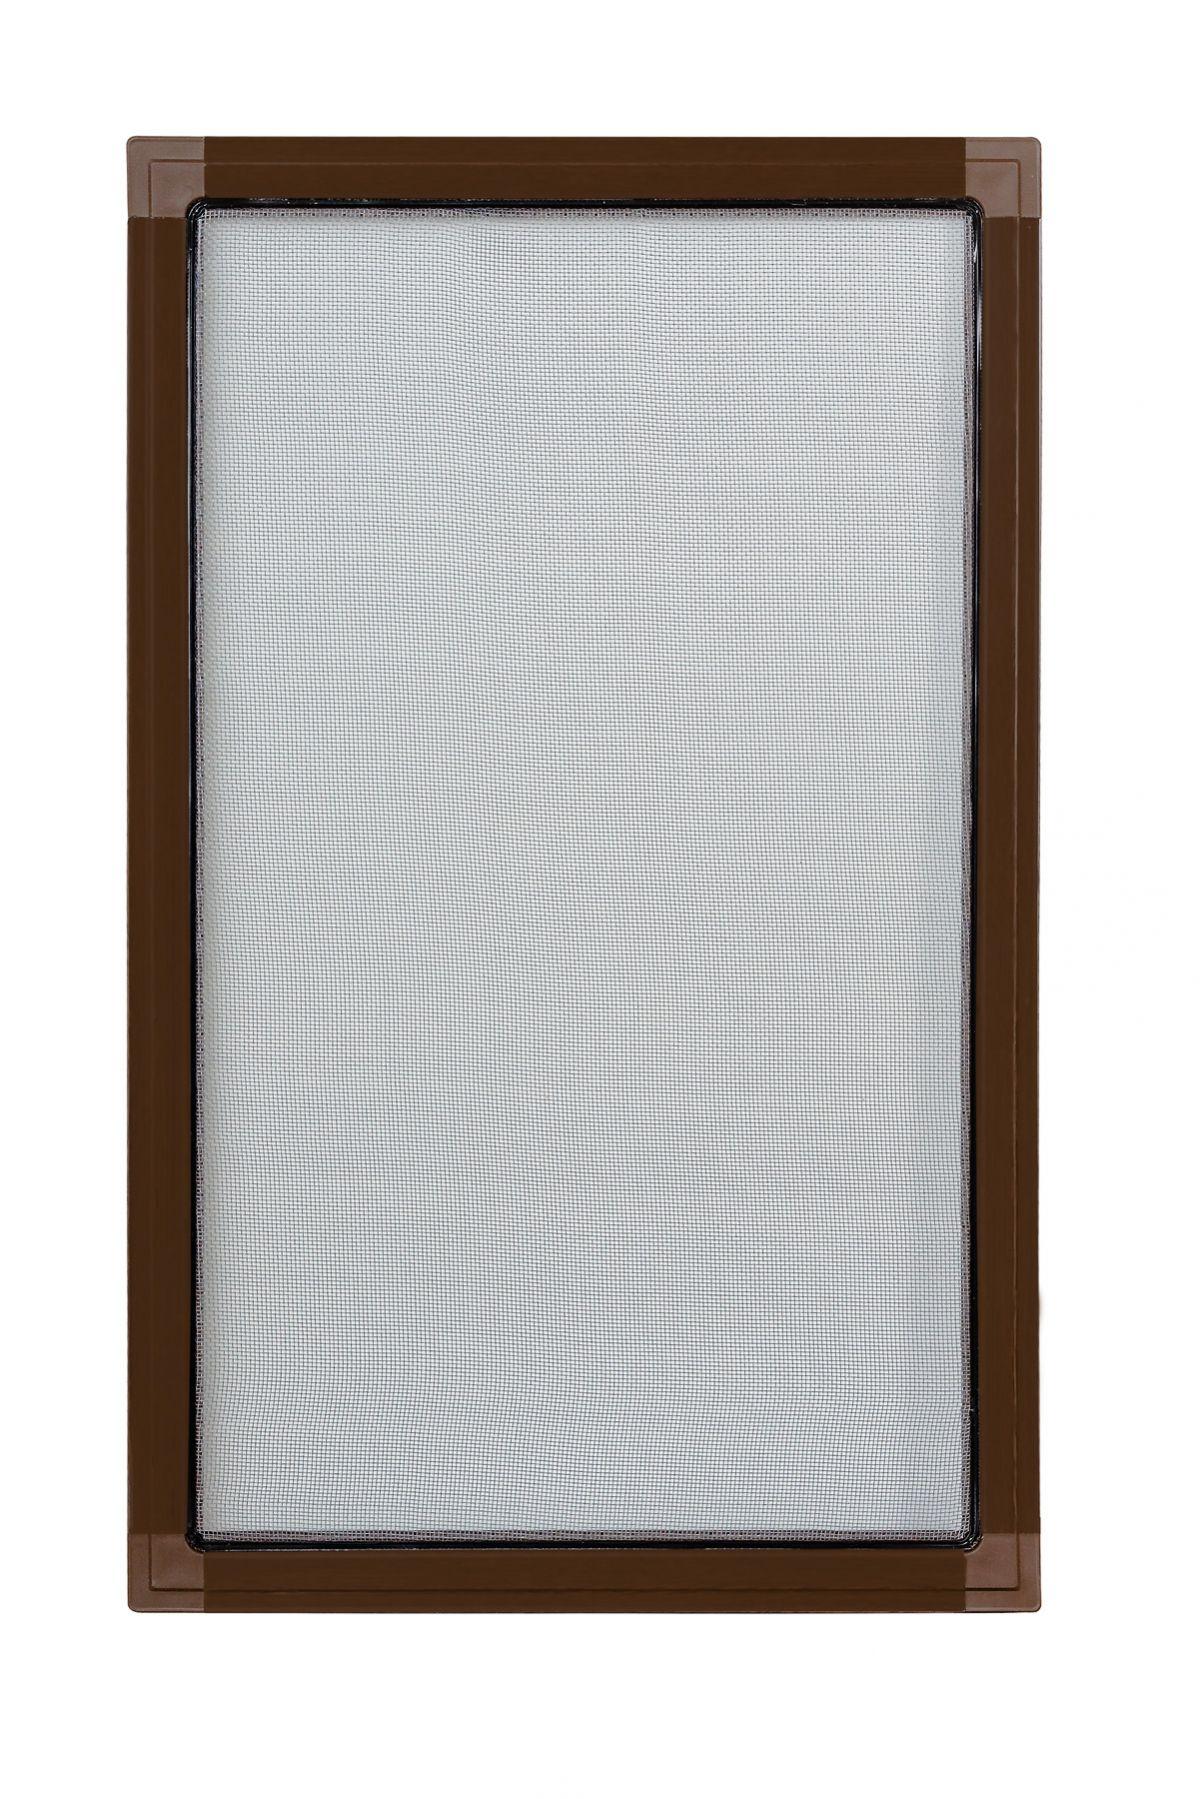 Moskitiery okienne Moskitiera ramkowa - brąz, siatka szara